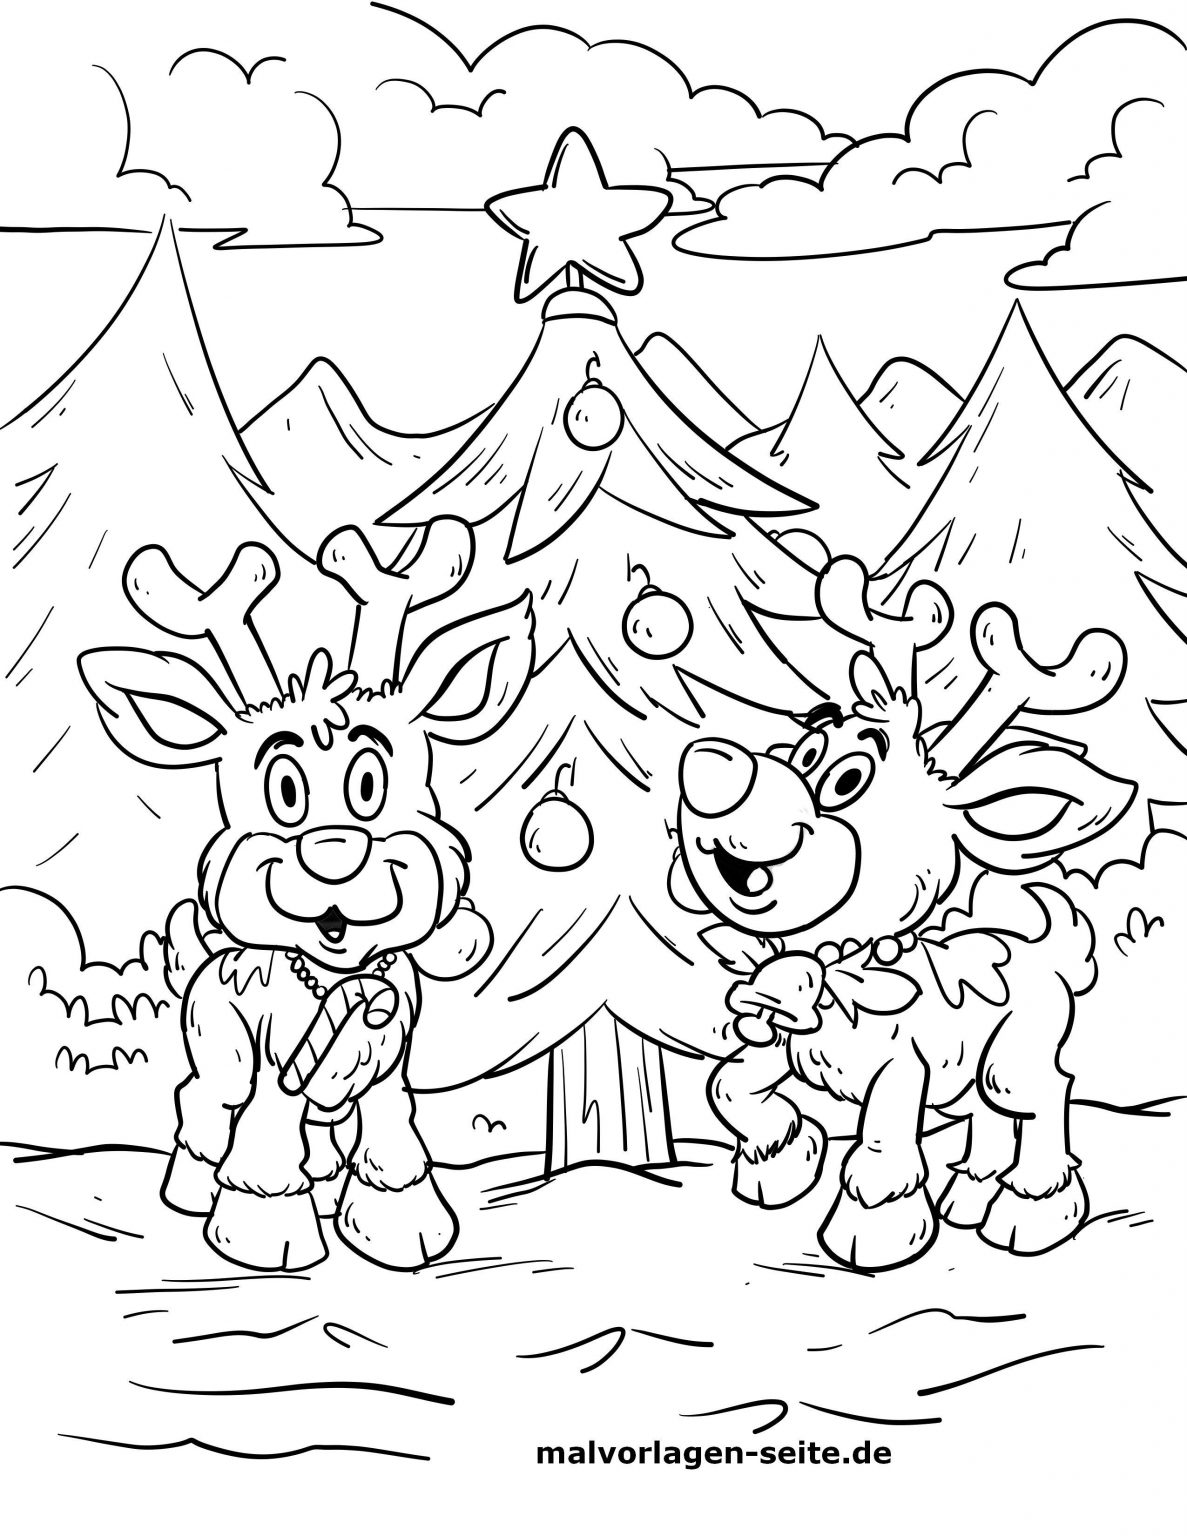 weihnachten malvorlagen  kinderbilderdownload